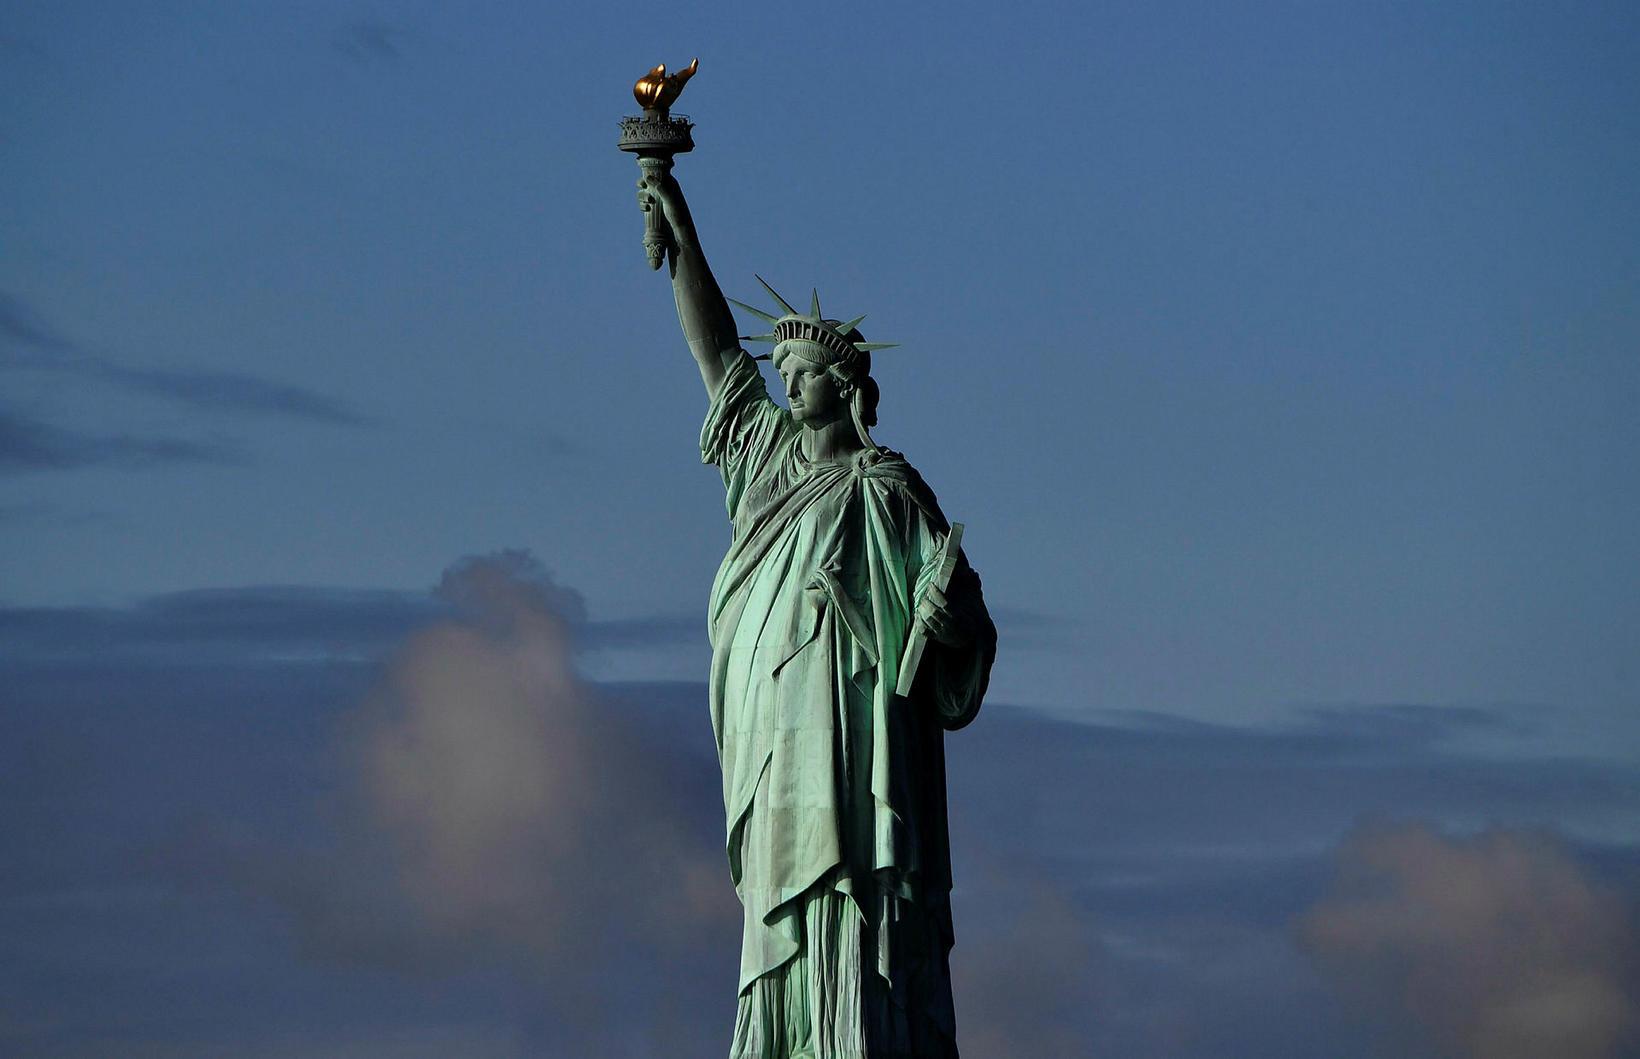 Frelsisstyttan fræga í New York.